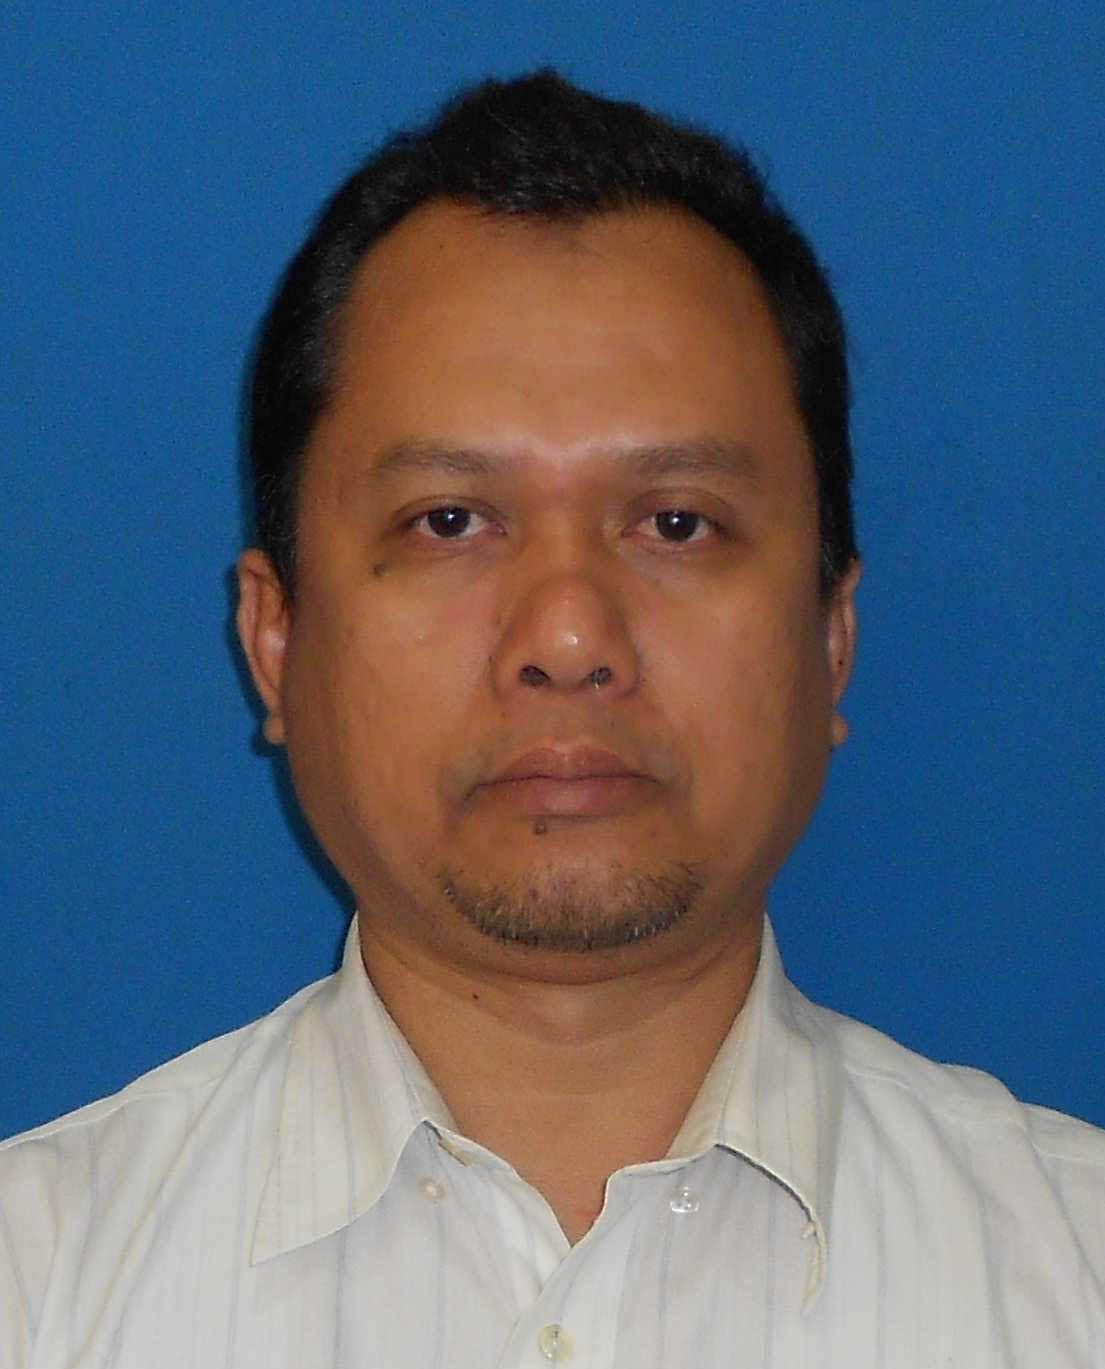 Rozilah @ Abdul Hadi Bin Mohamed